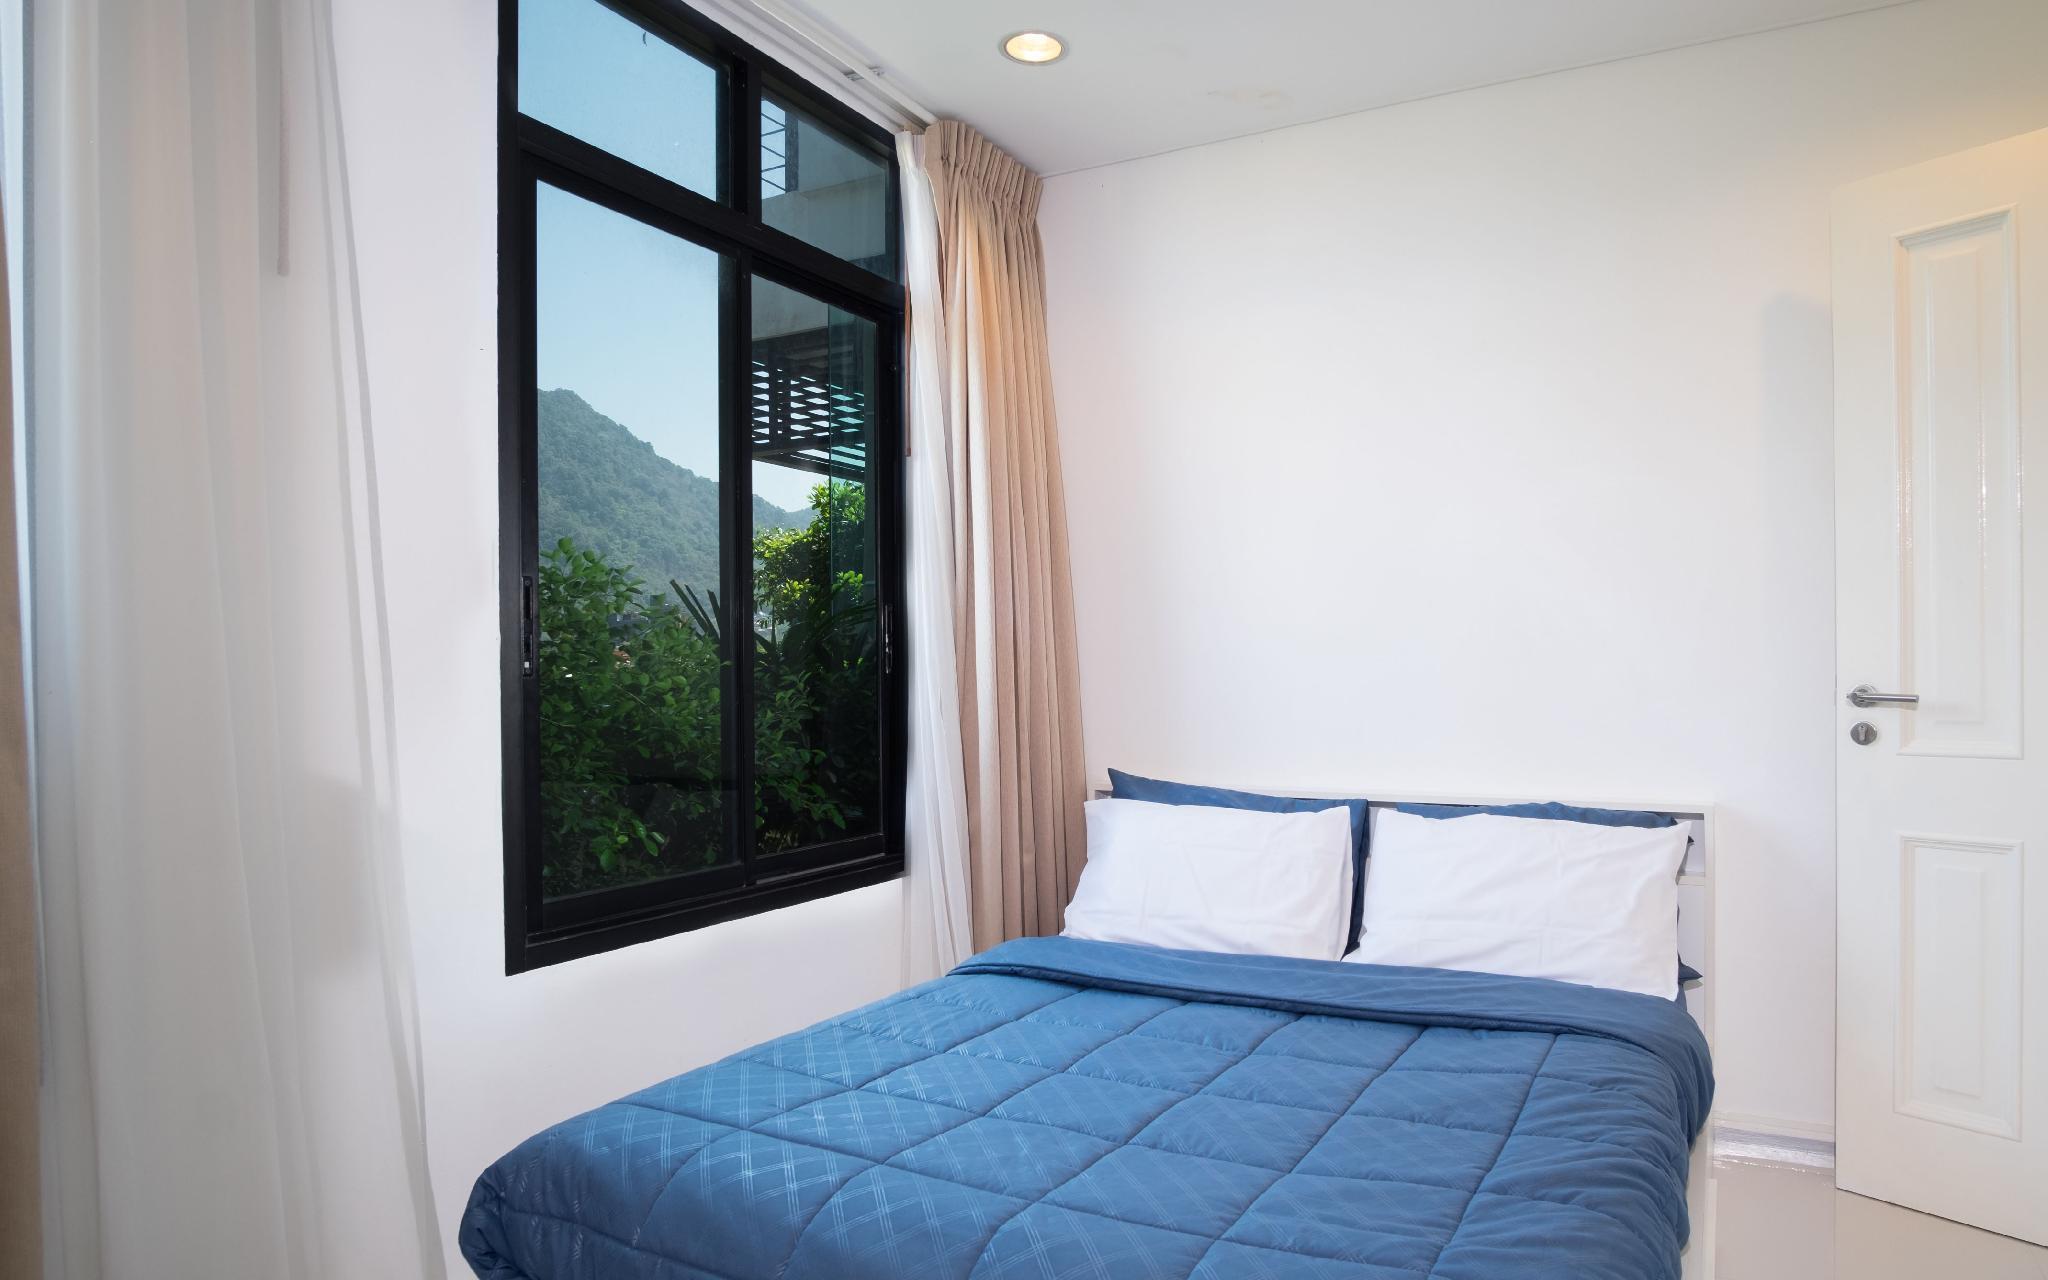 Kamala Regent Condo 2 Bedrooms สตูดิโอ อพาร์ตเมนต์ 2 ห้องน้ำส่วนตัว ขนาด 350 ตร.ม. – กมลา